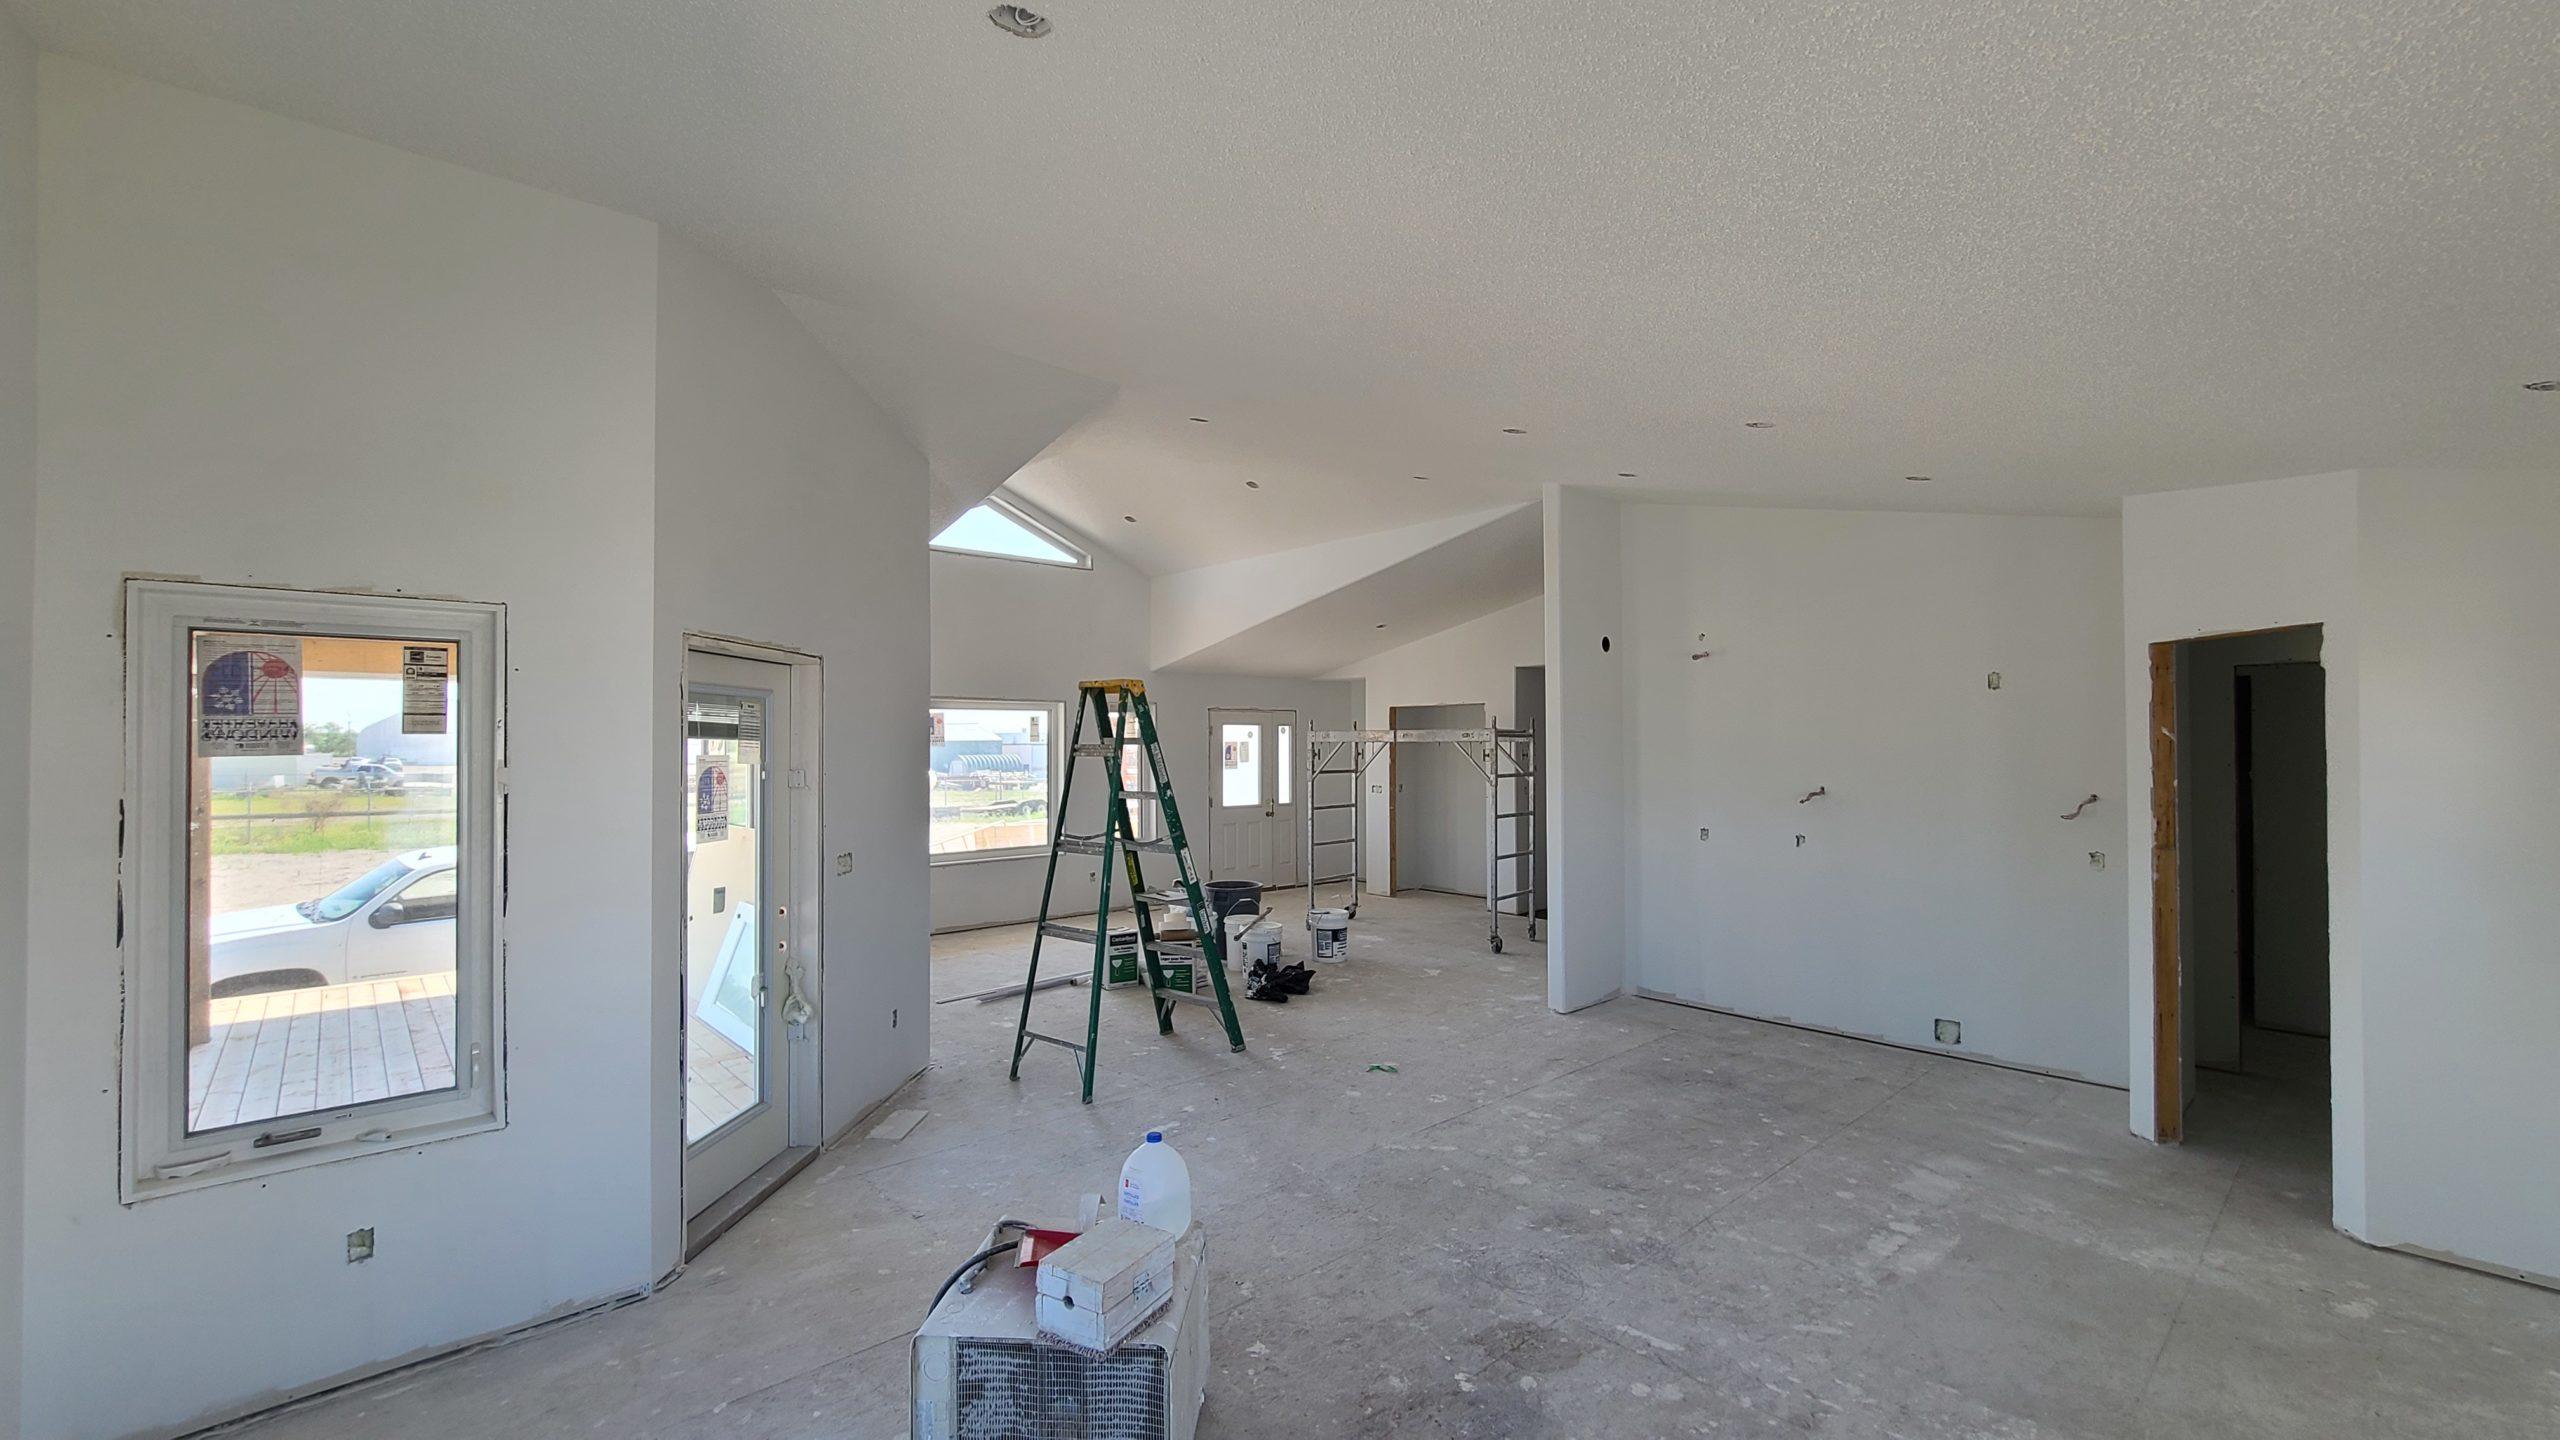 Dining/Kitchen RTM under construction